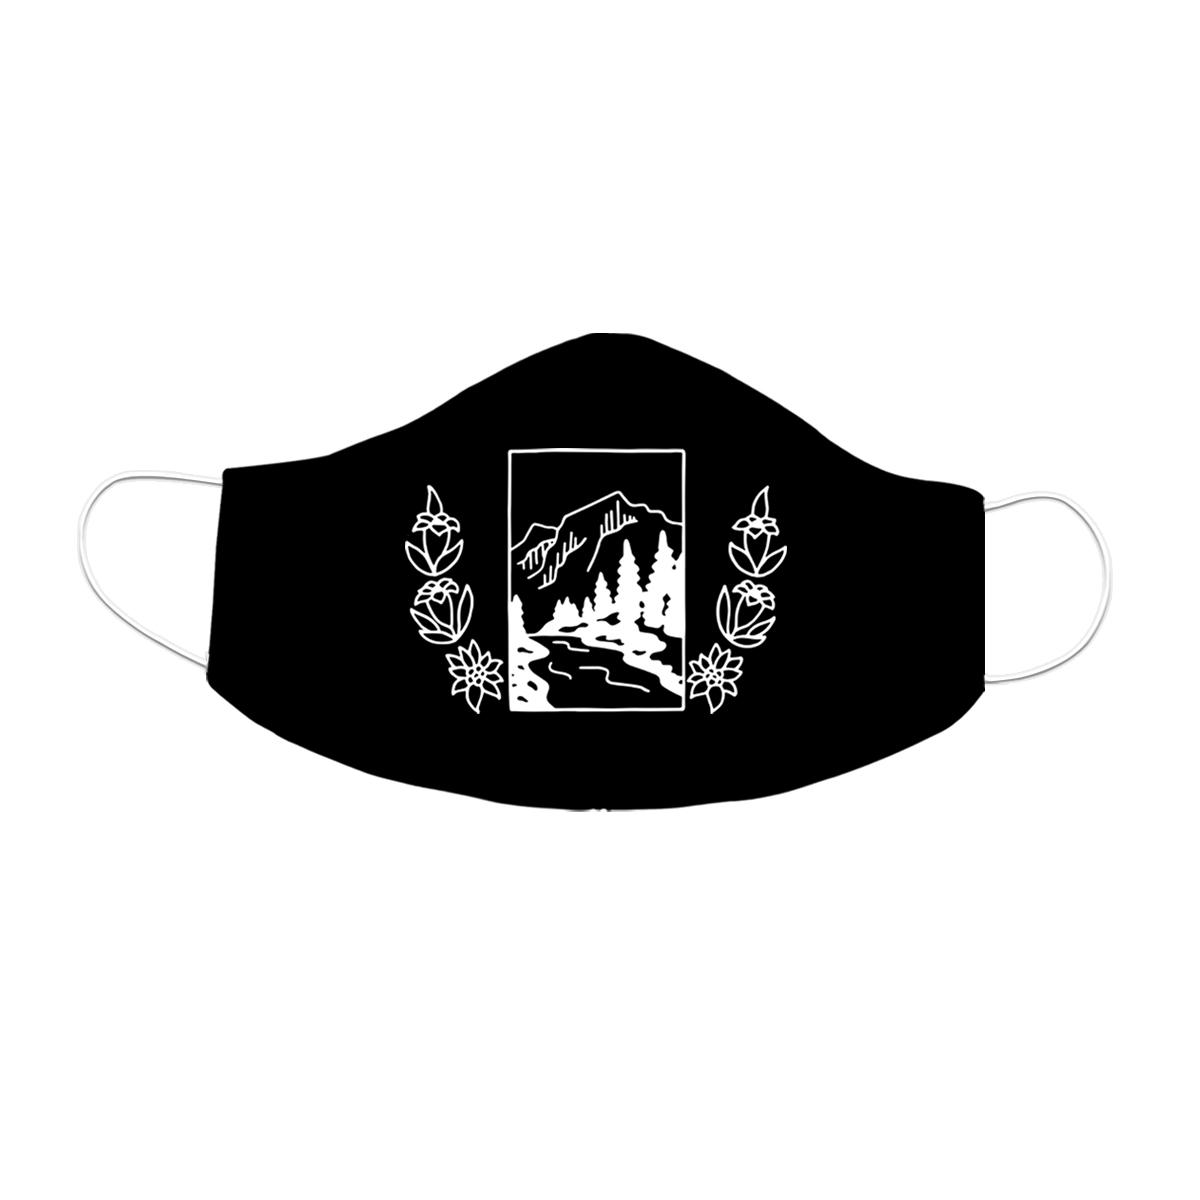 Avi Kaplan River Mask